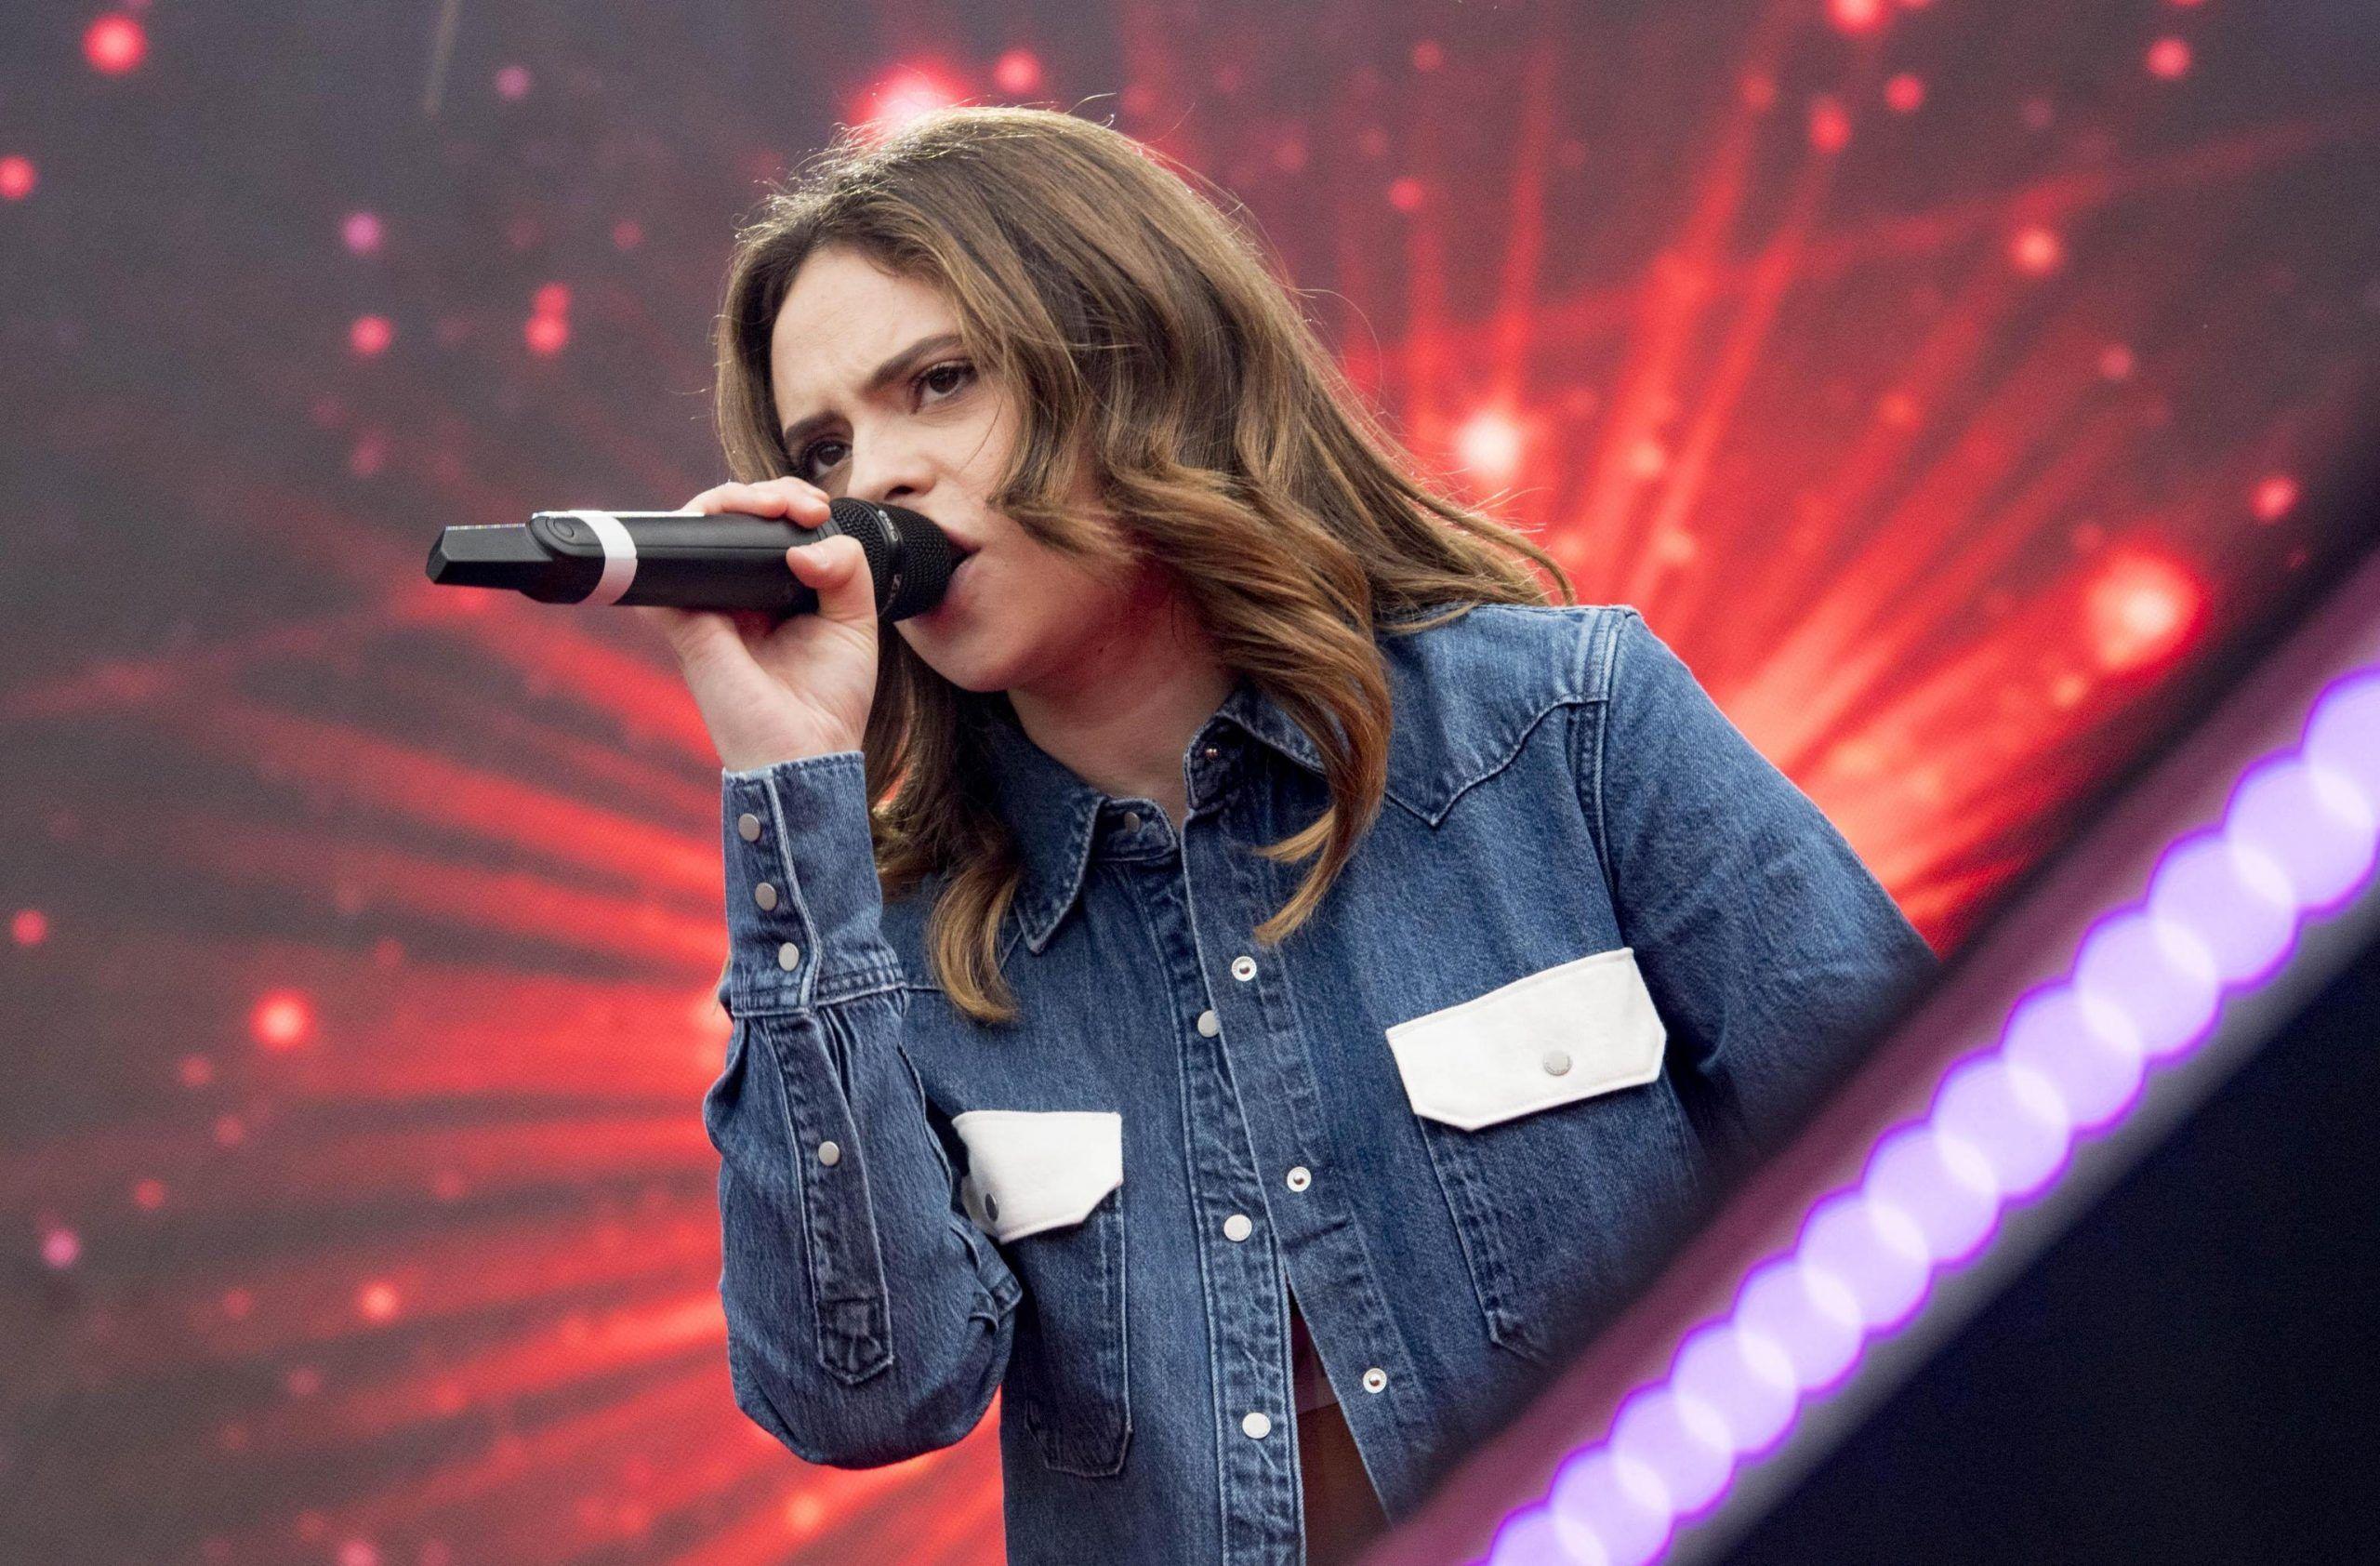 Francesca Michielin, la cantante confessa: 'Sanremo? Mai più'